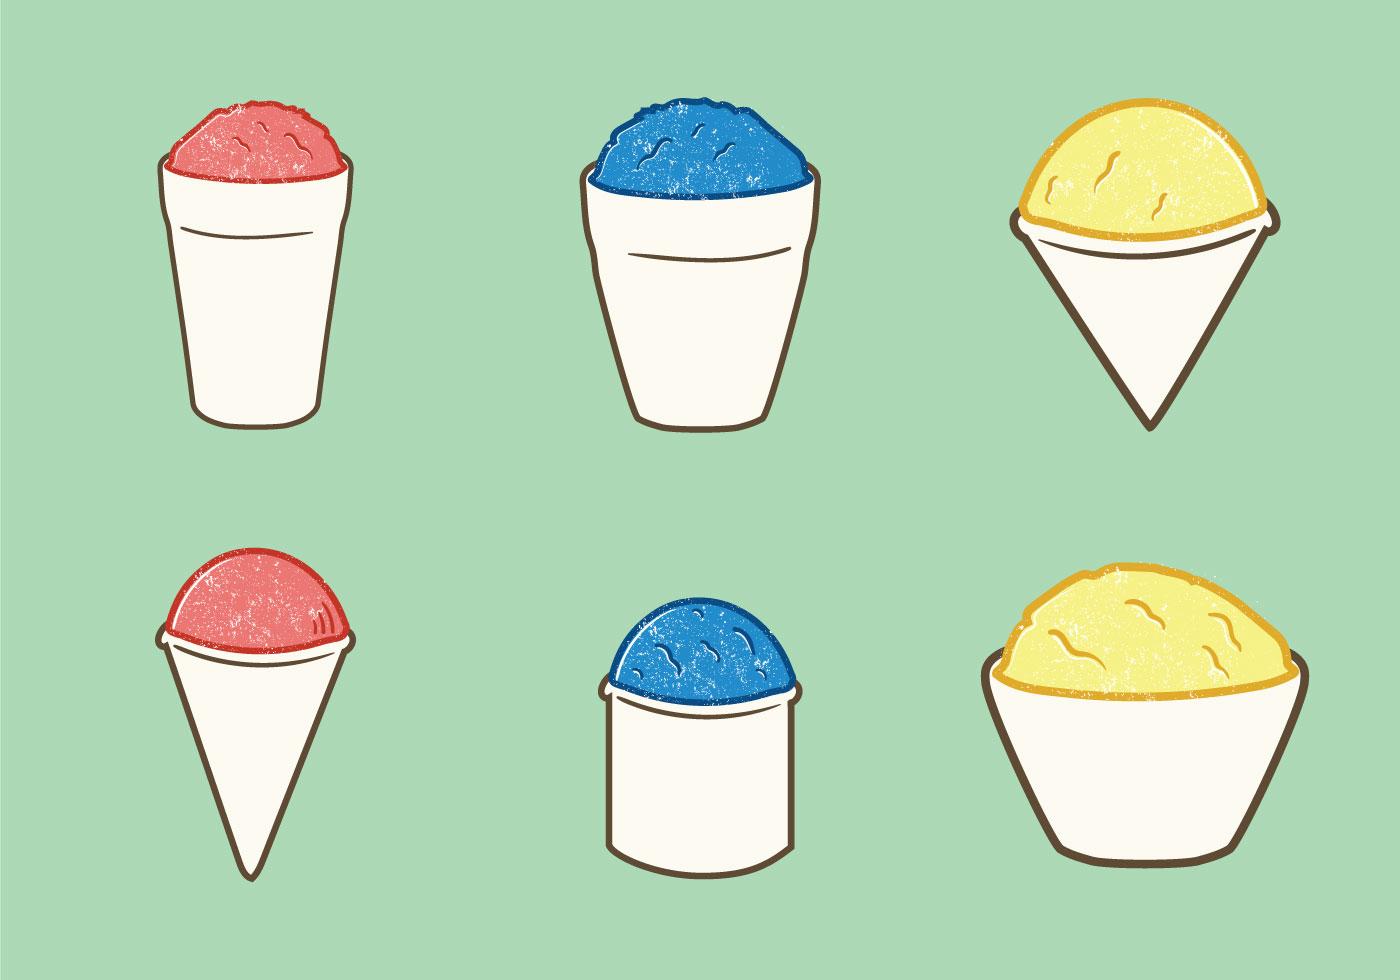 卡通冰淇淋 免費下載   天天瘋後製